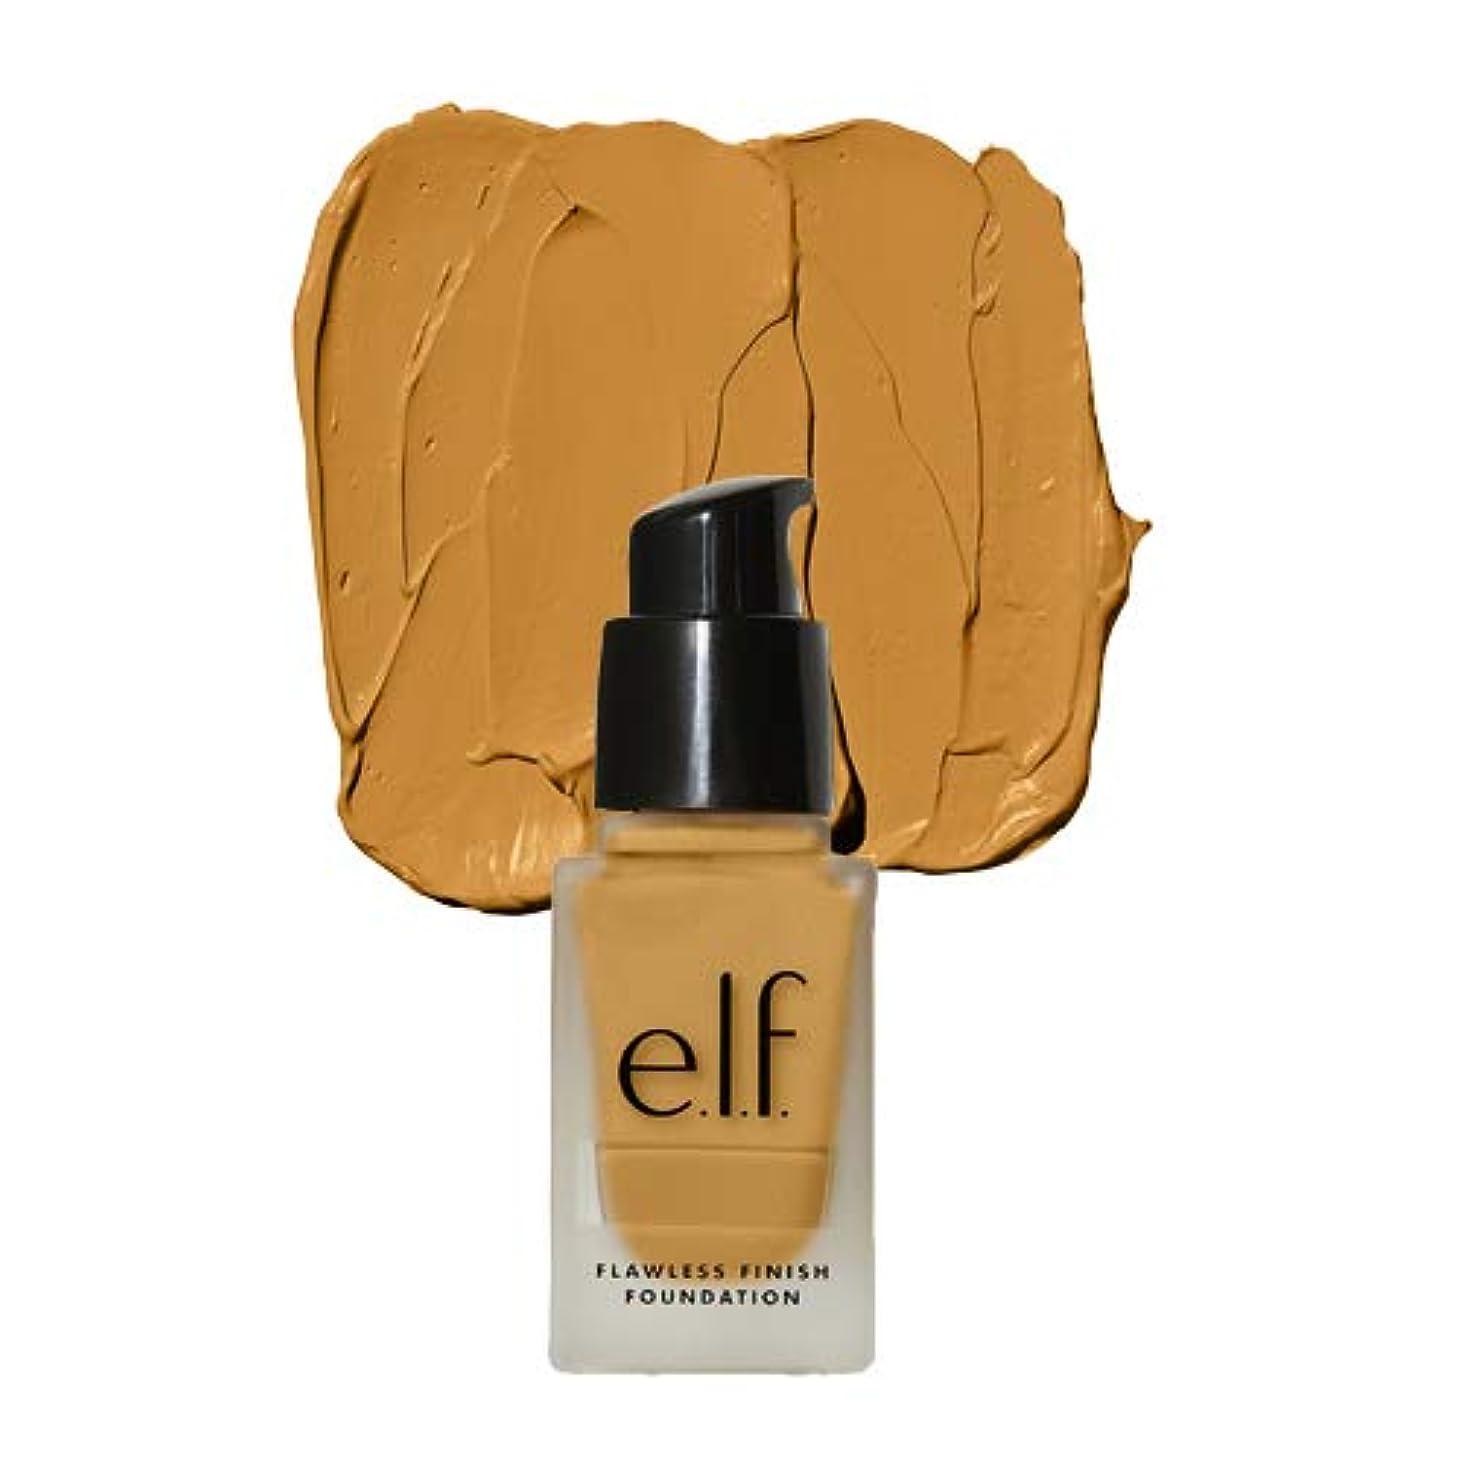 恐れるふさわしい賃金e.l.f. Oil Free Flawless Finish Foundation - Almond (並行輸入品)